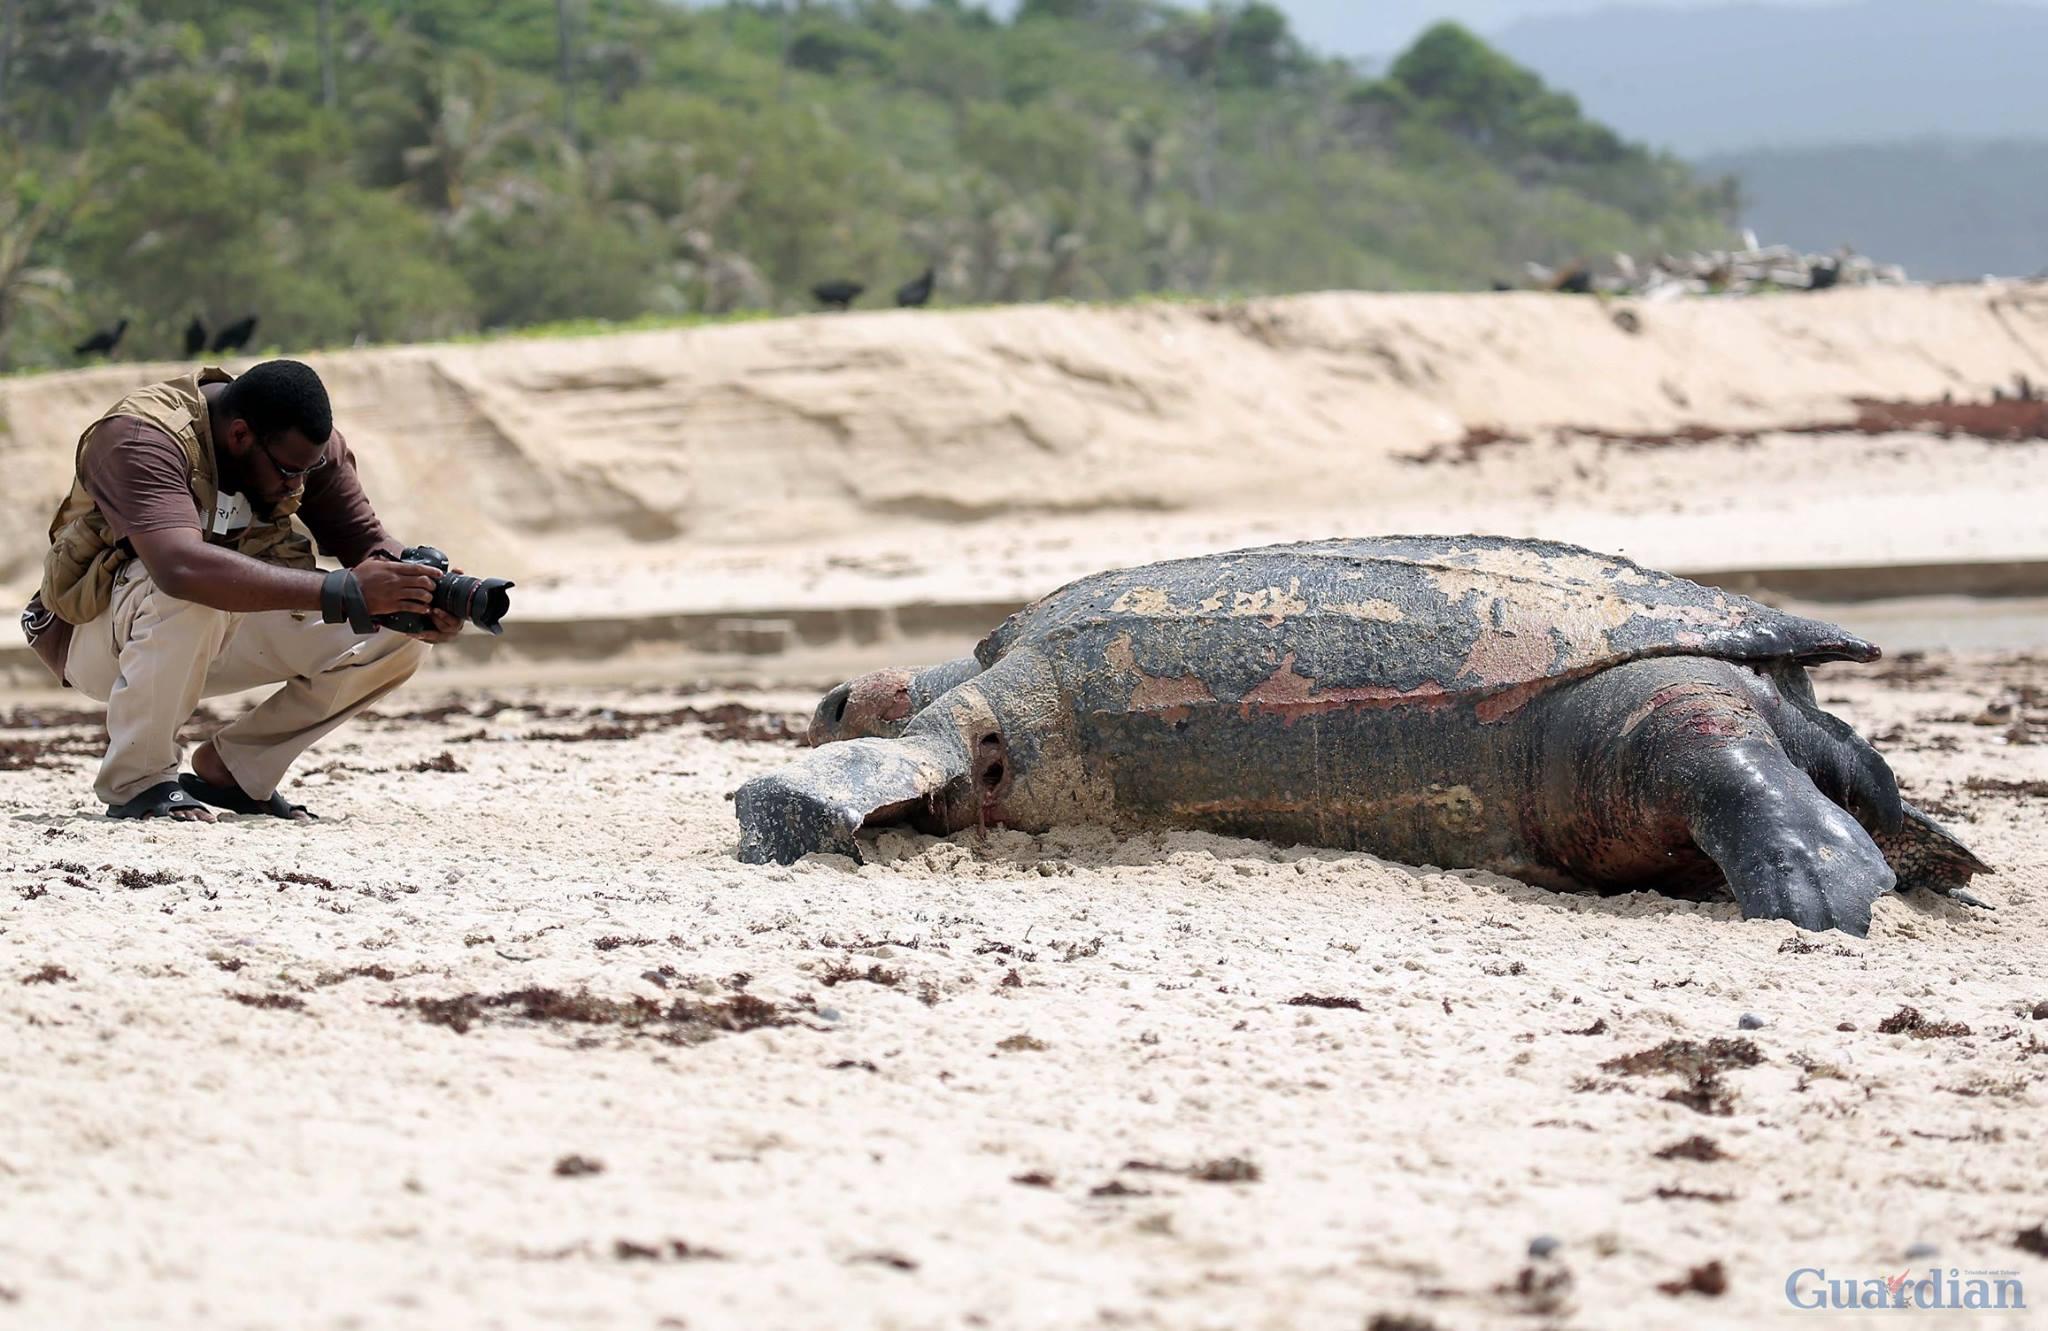 3 leatherback turtles dead Matura, leatherback turtle die-off, leatherback turtle dead matura trinidad, leatherback turtle dead trinidad